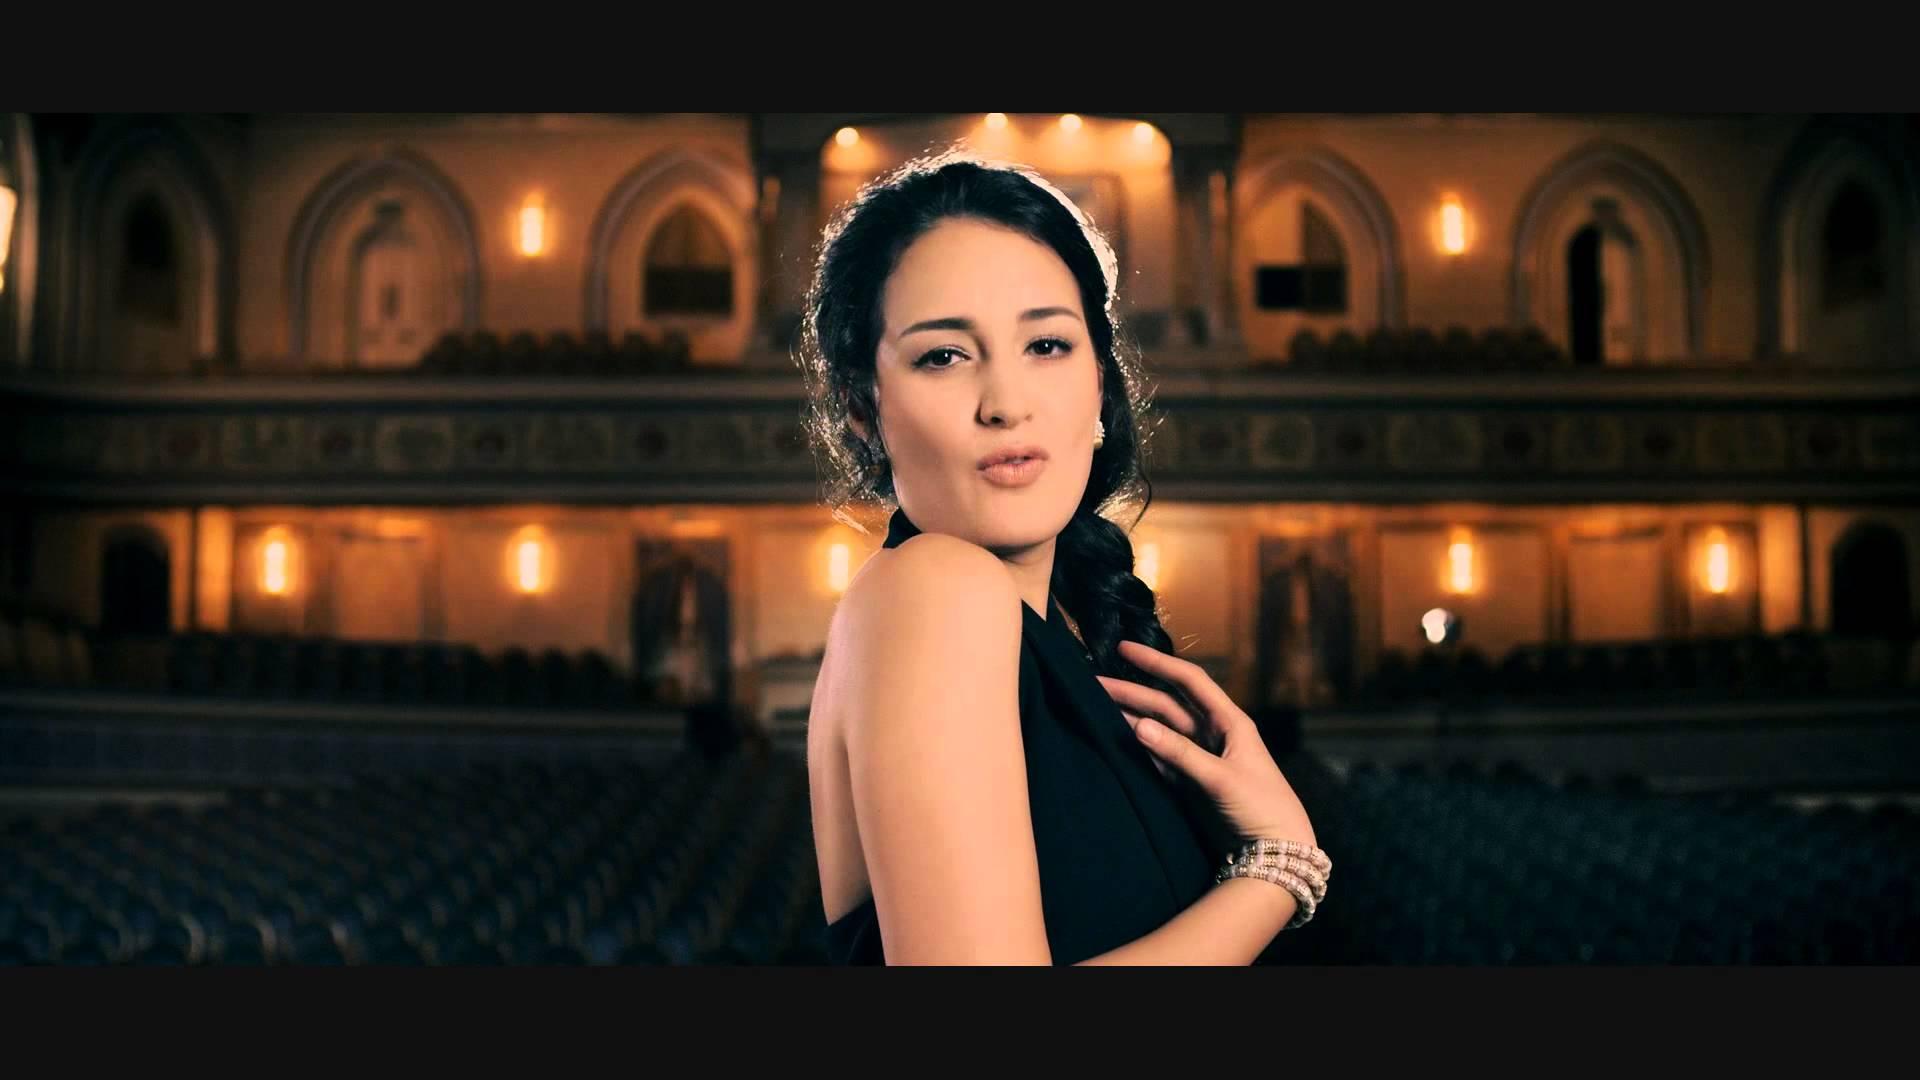 Оперная певица Зарина Алтынбаева победила на международном конкурсе в Японии